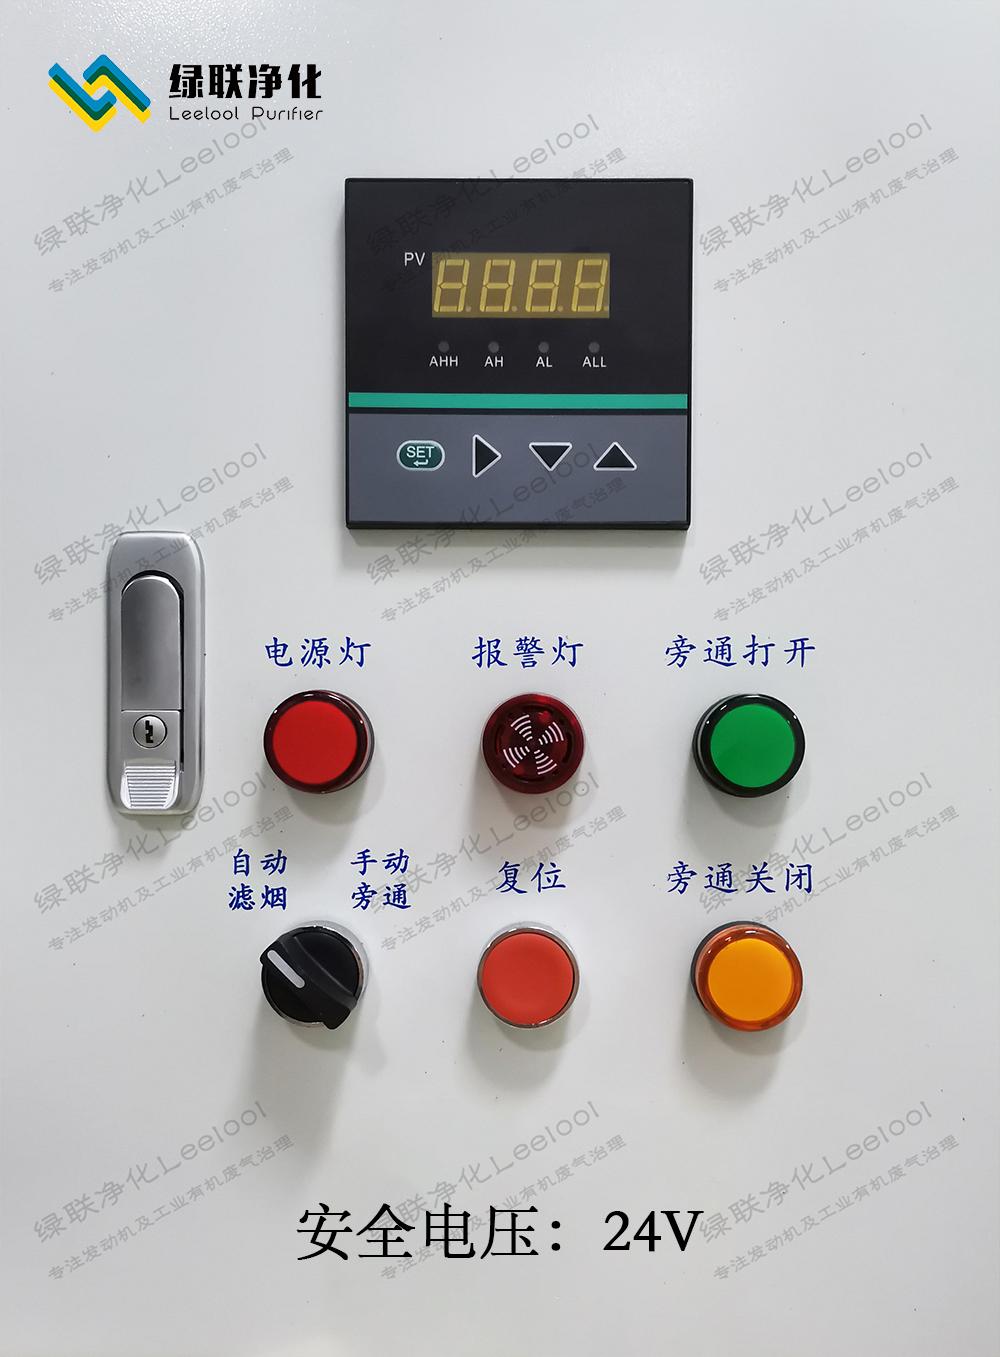 控制柜(新款).jpg